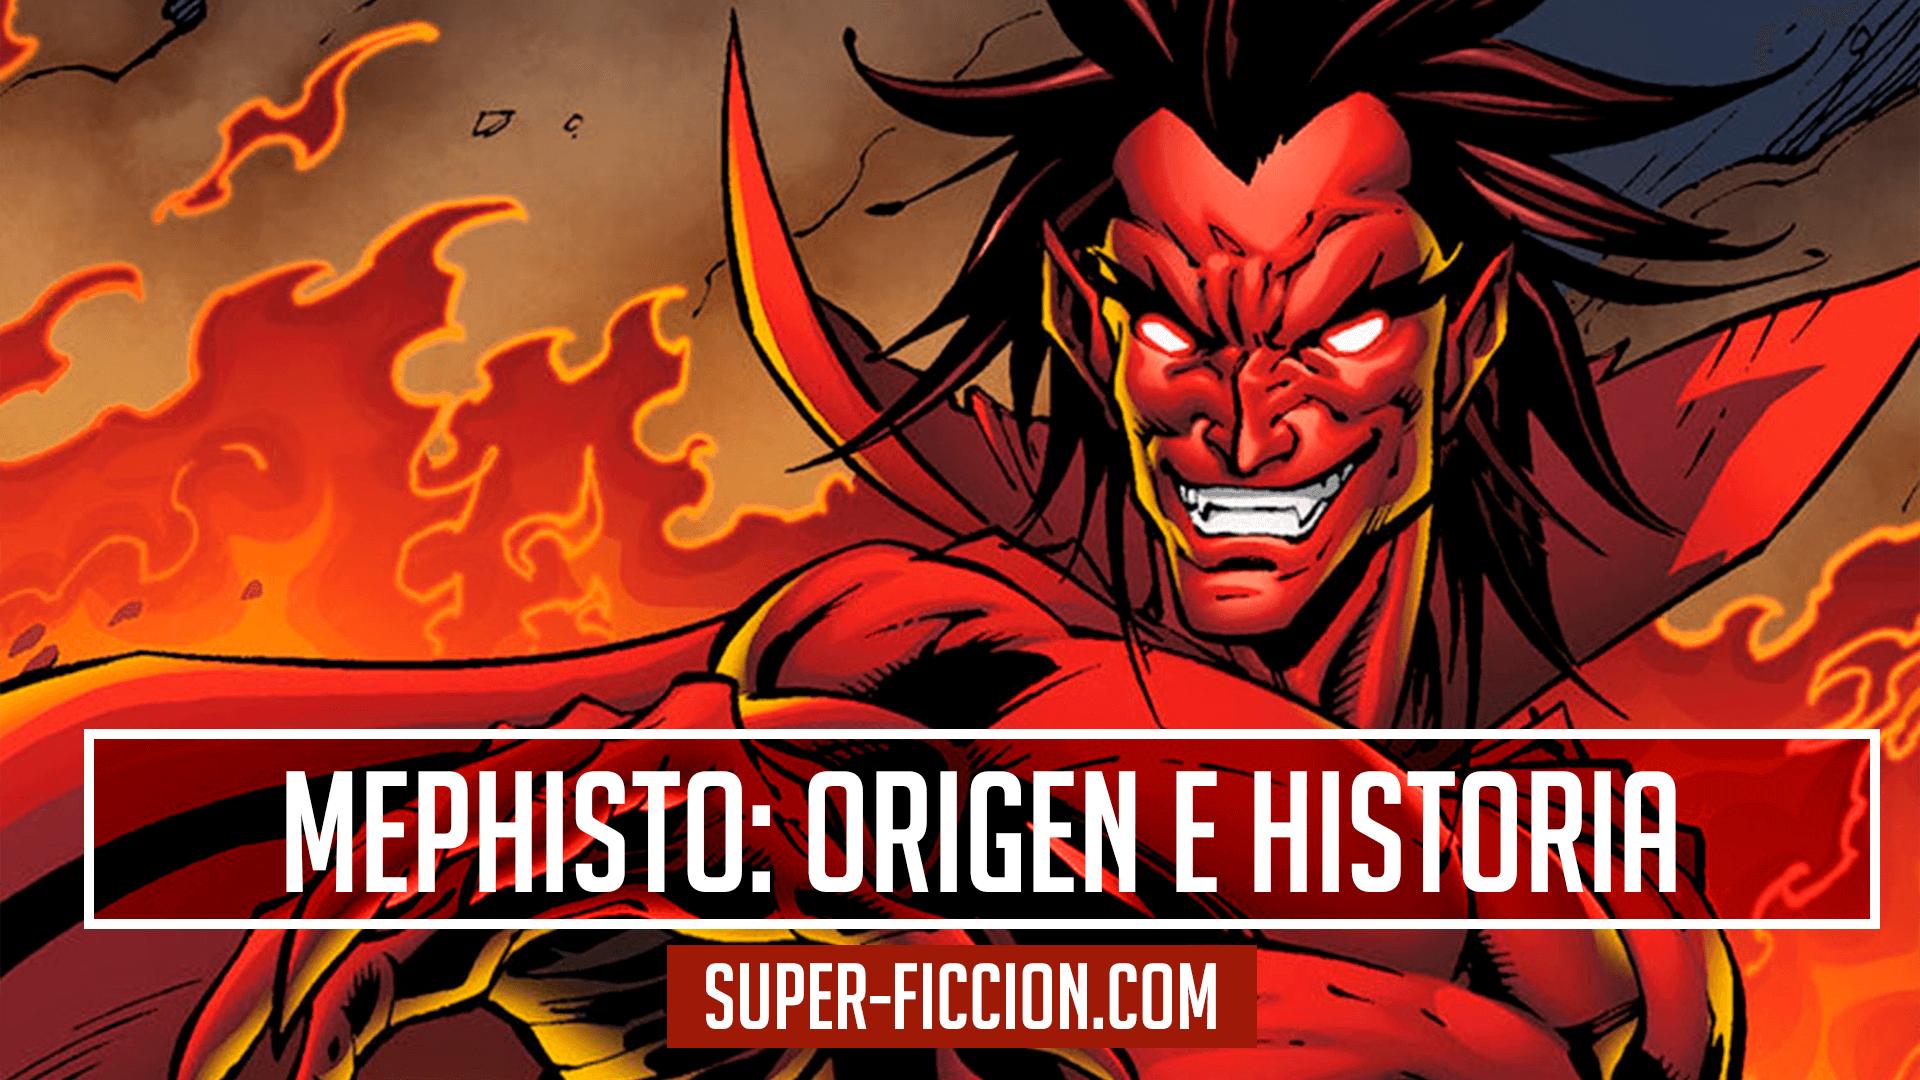 Mephisto origen e historia